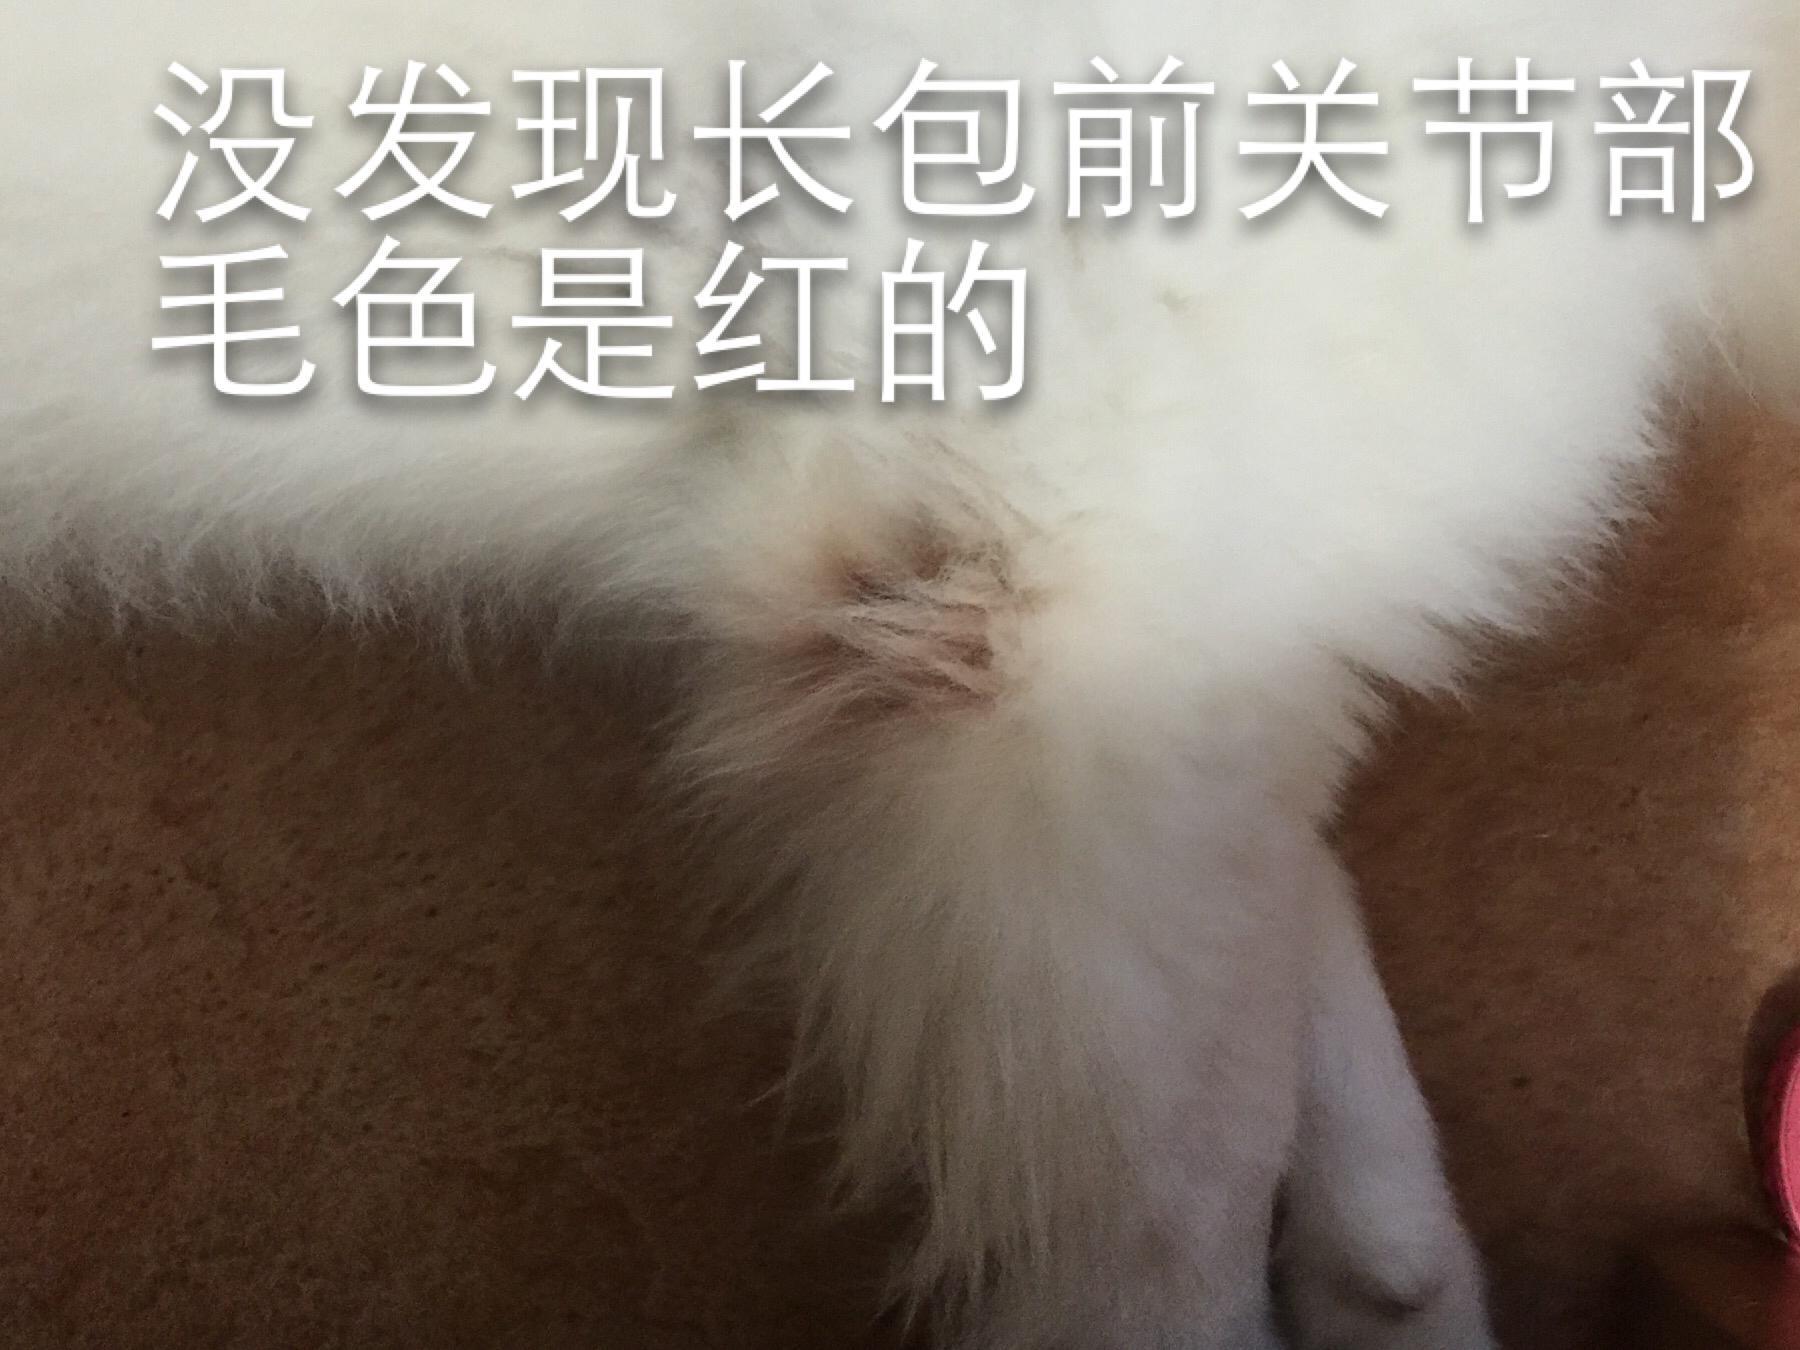 萨摩耶前爪左右关节长肉瘤。(如图)